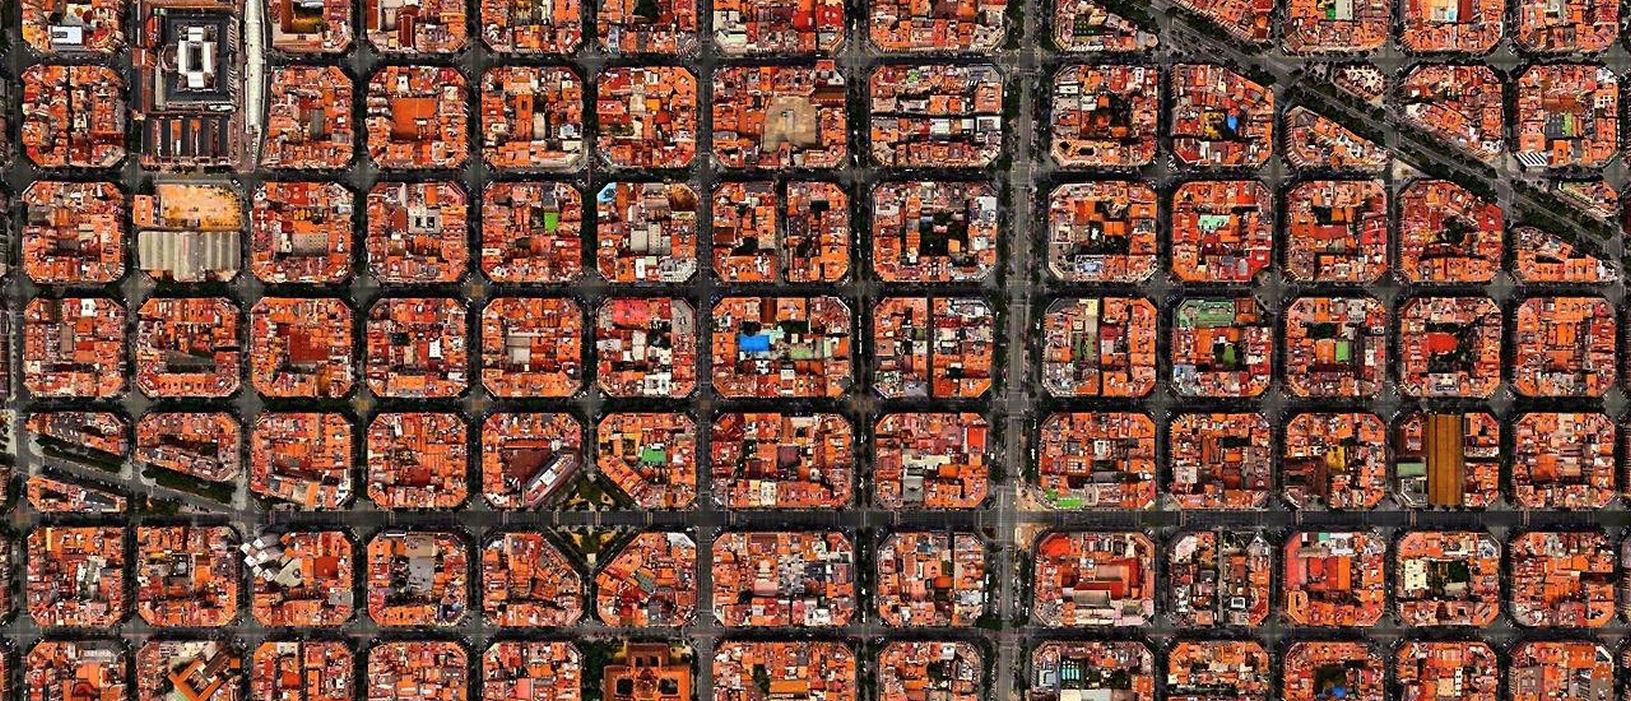 URBANISMO MUNDIAL. Cerdà. El urbanismo de Barcelona en el 2020. (En catalán)